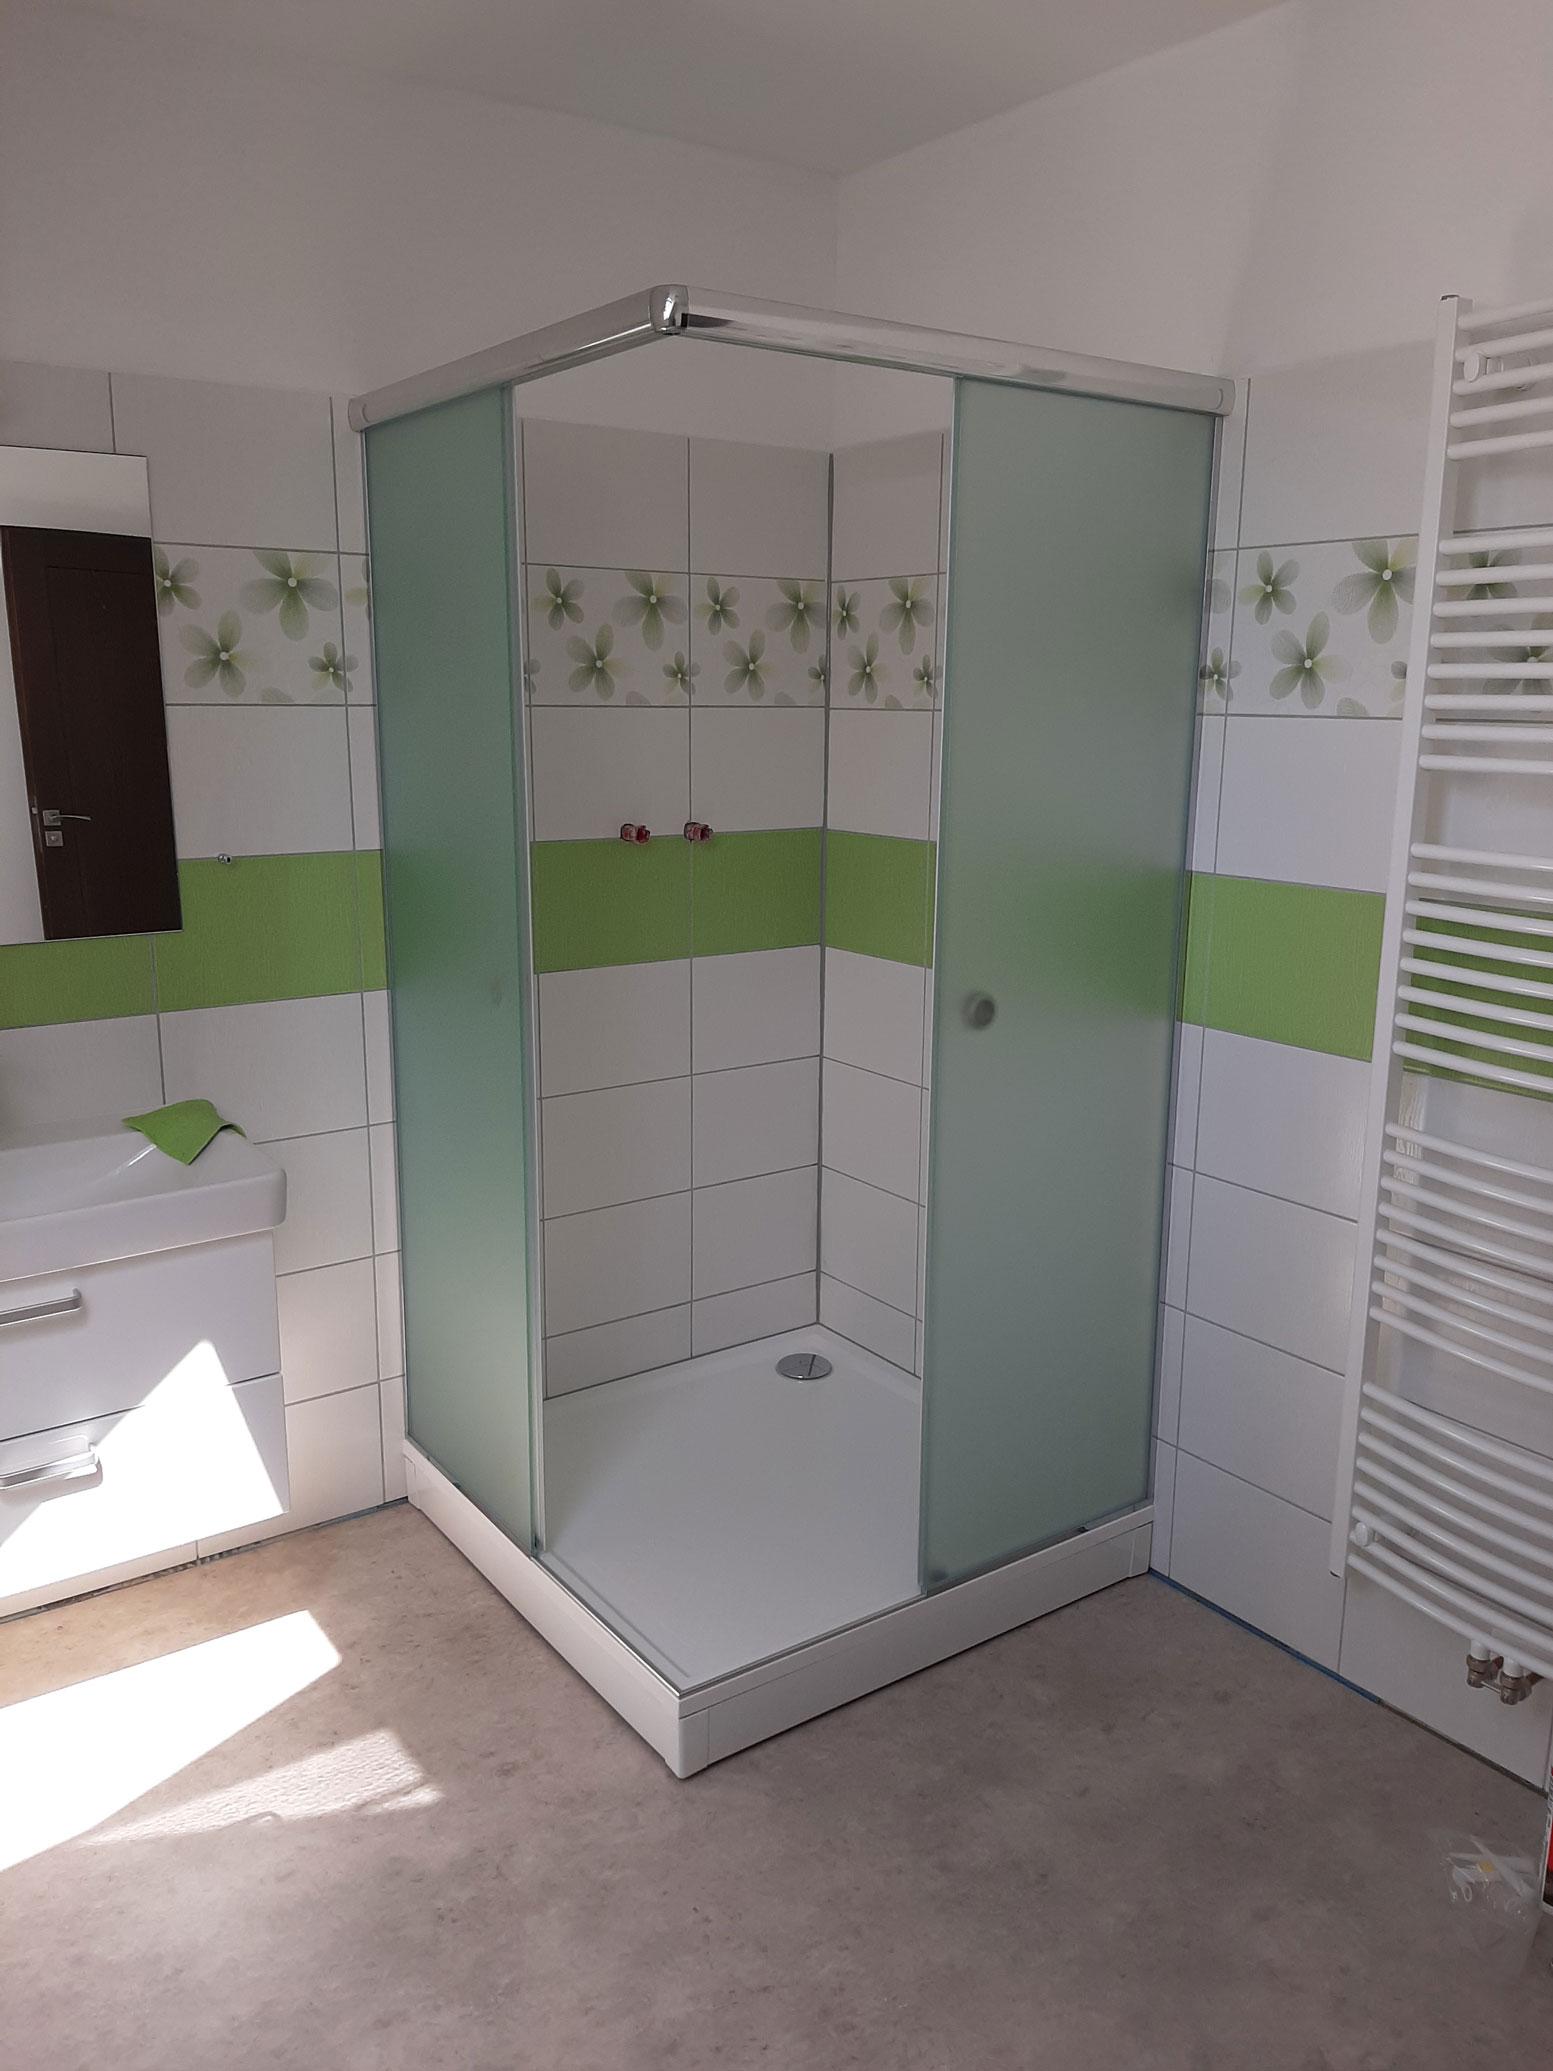 Sklenarstvi-Prerost-sprchove- kouty-a-sprchy (6)